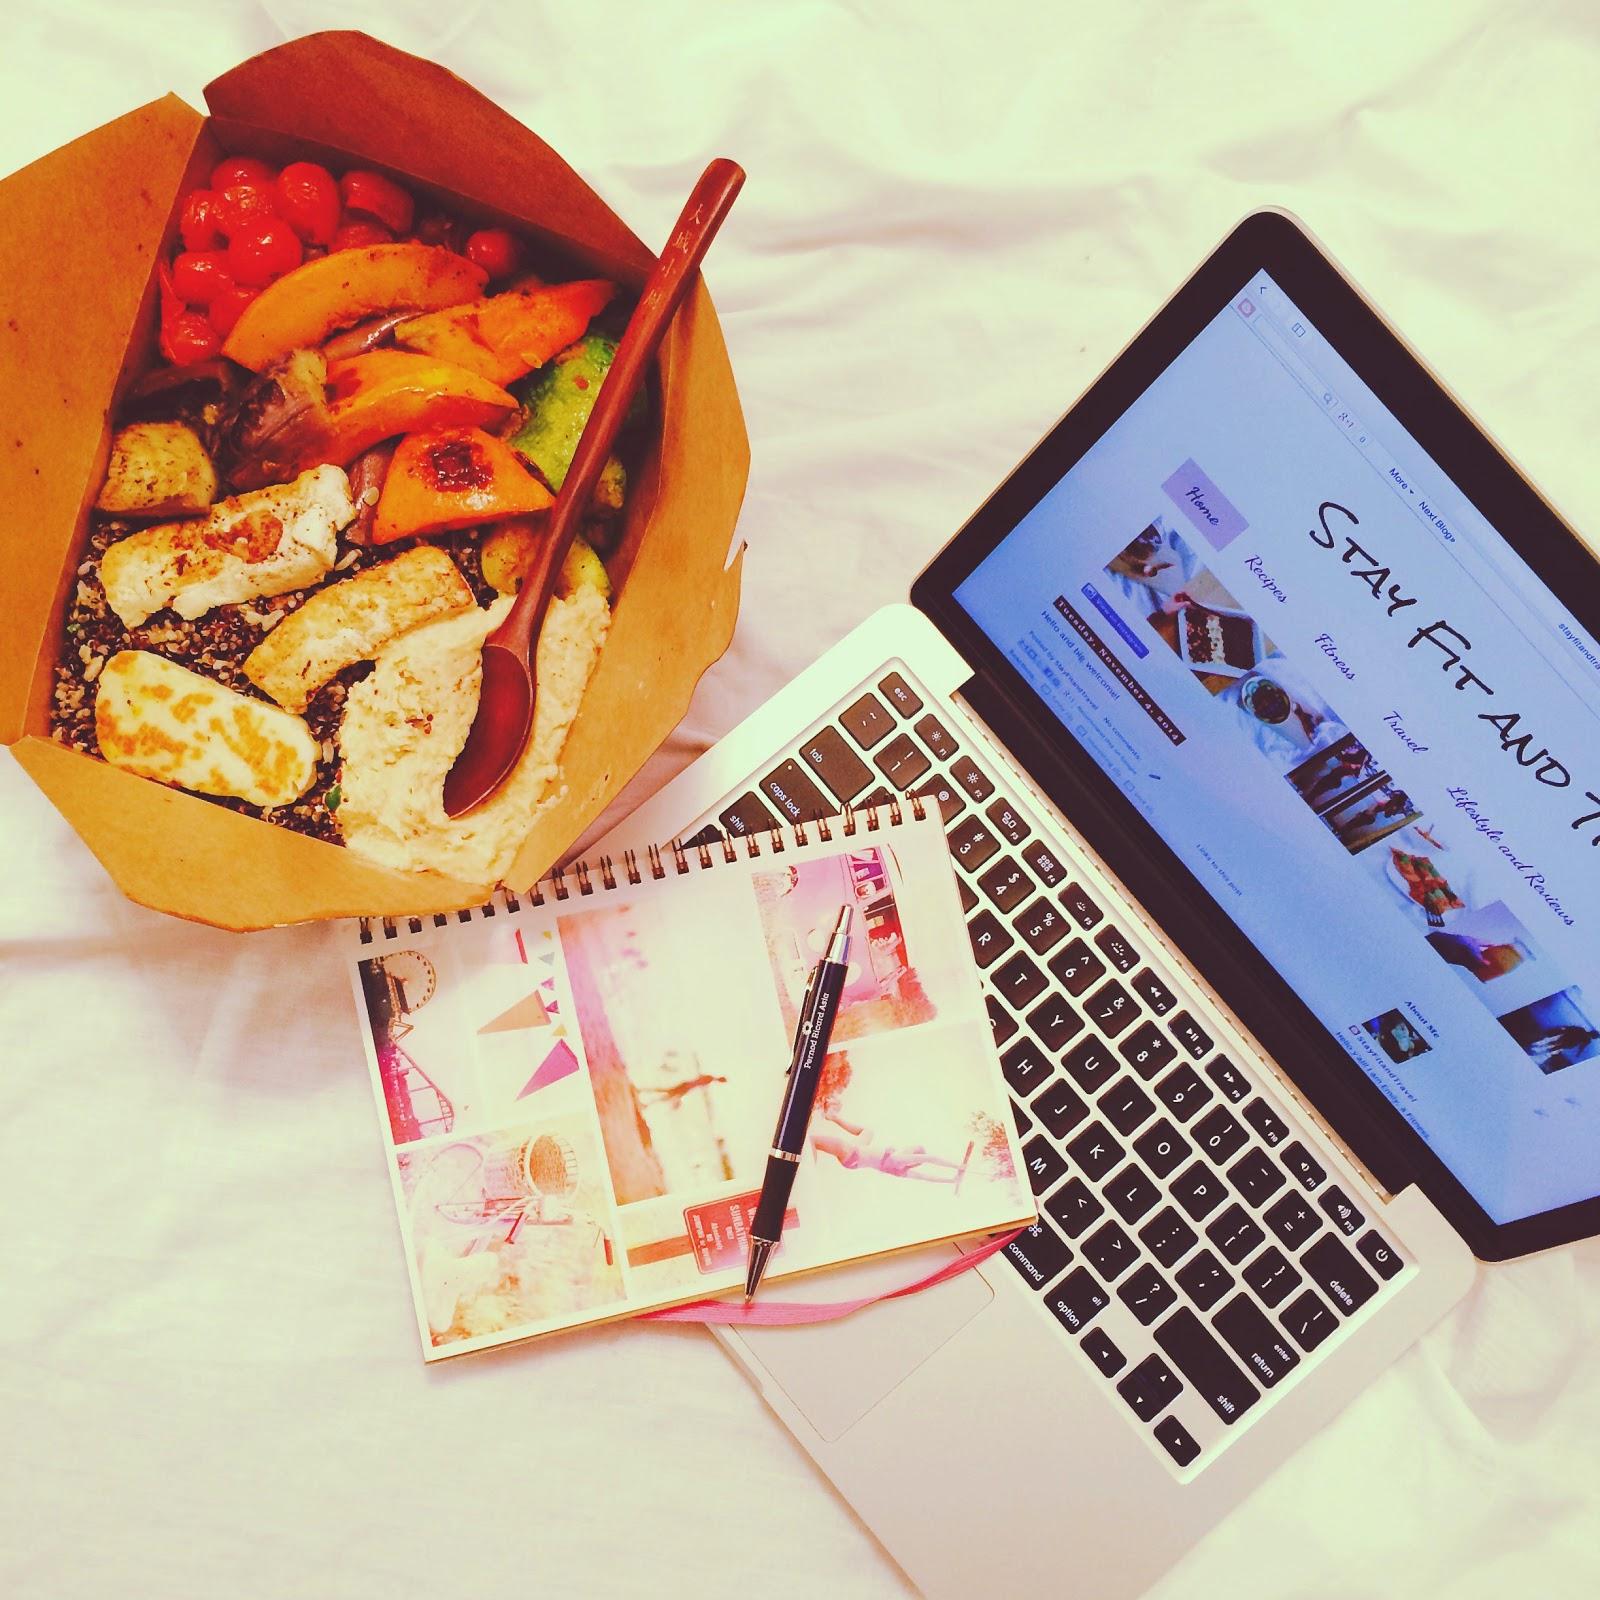 Organic Vegetarian Salad While Blogging